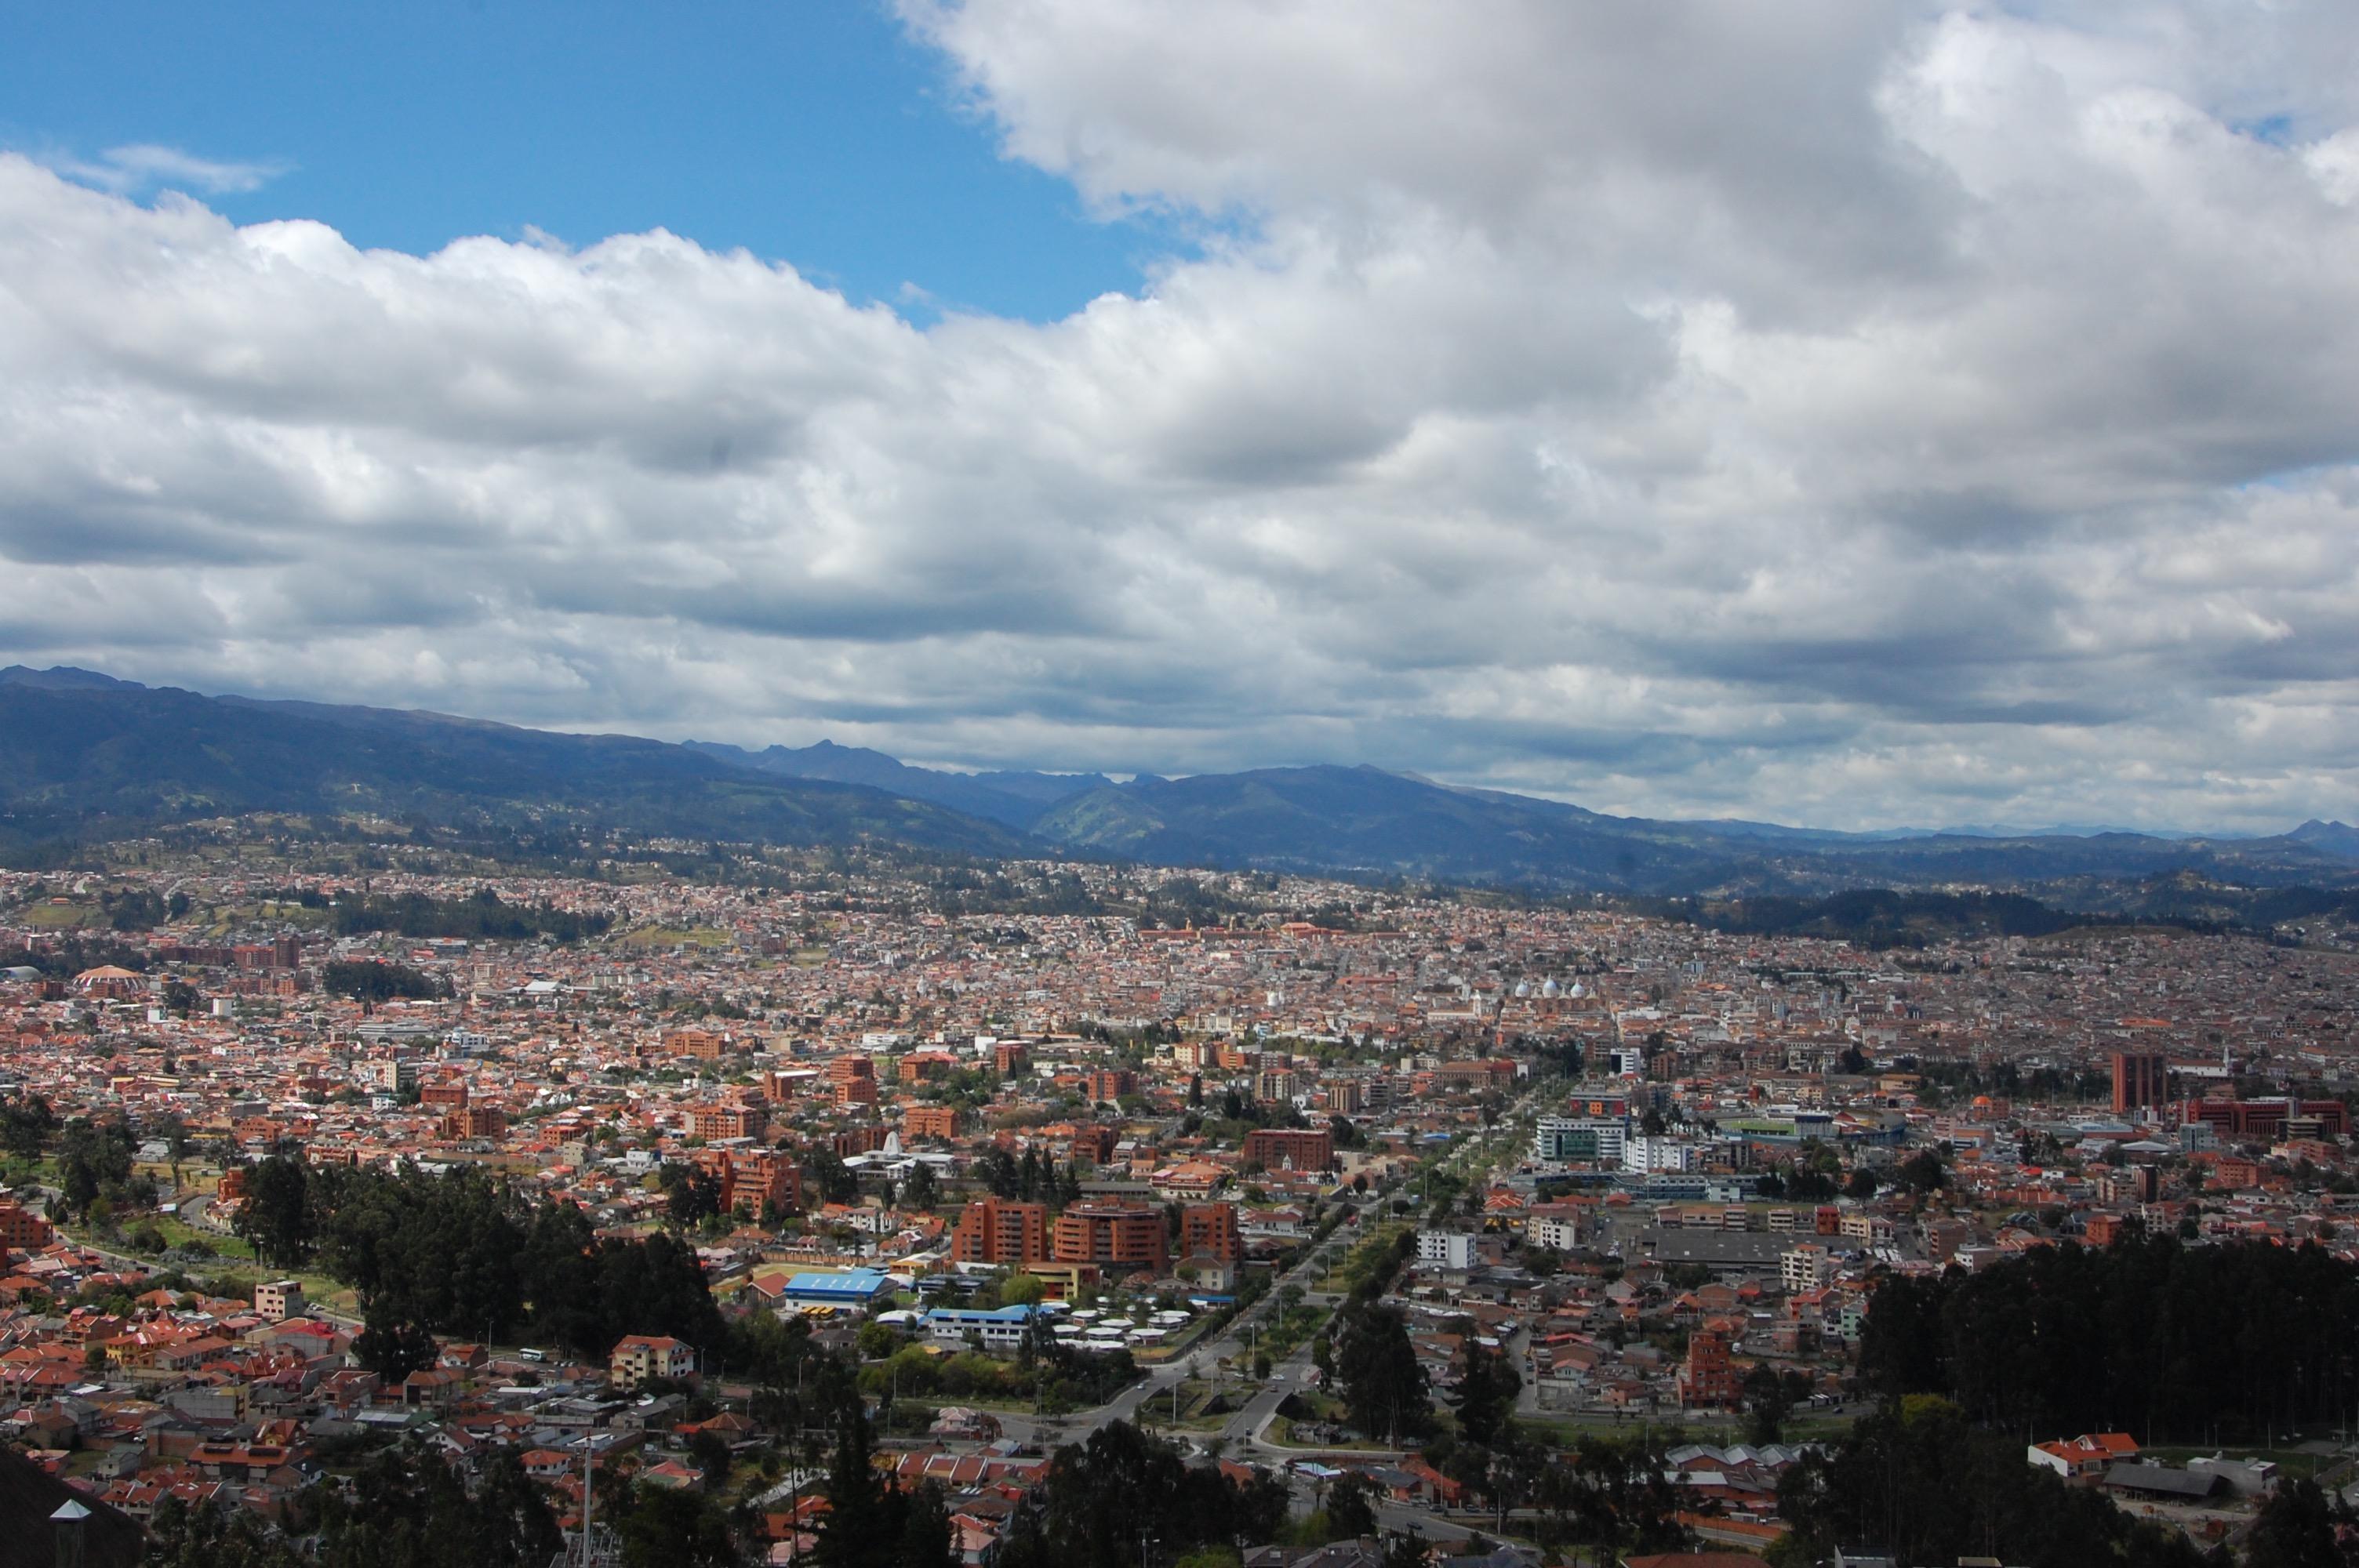 Views over Cuenca, Ecuador